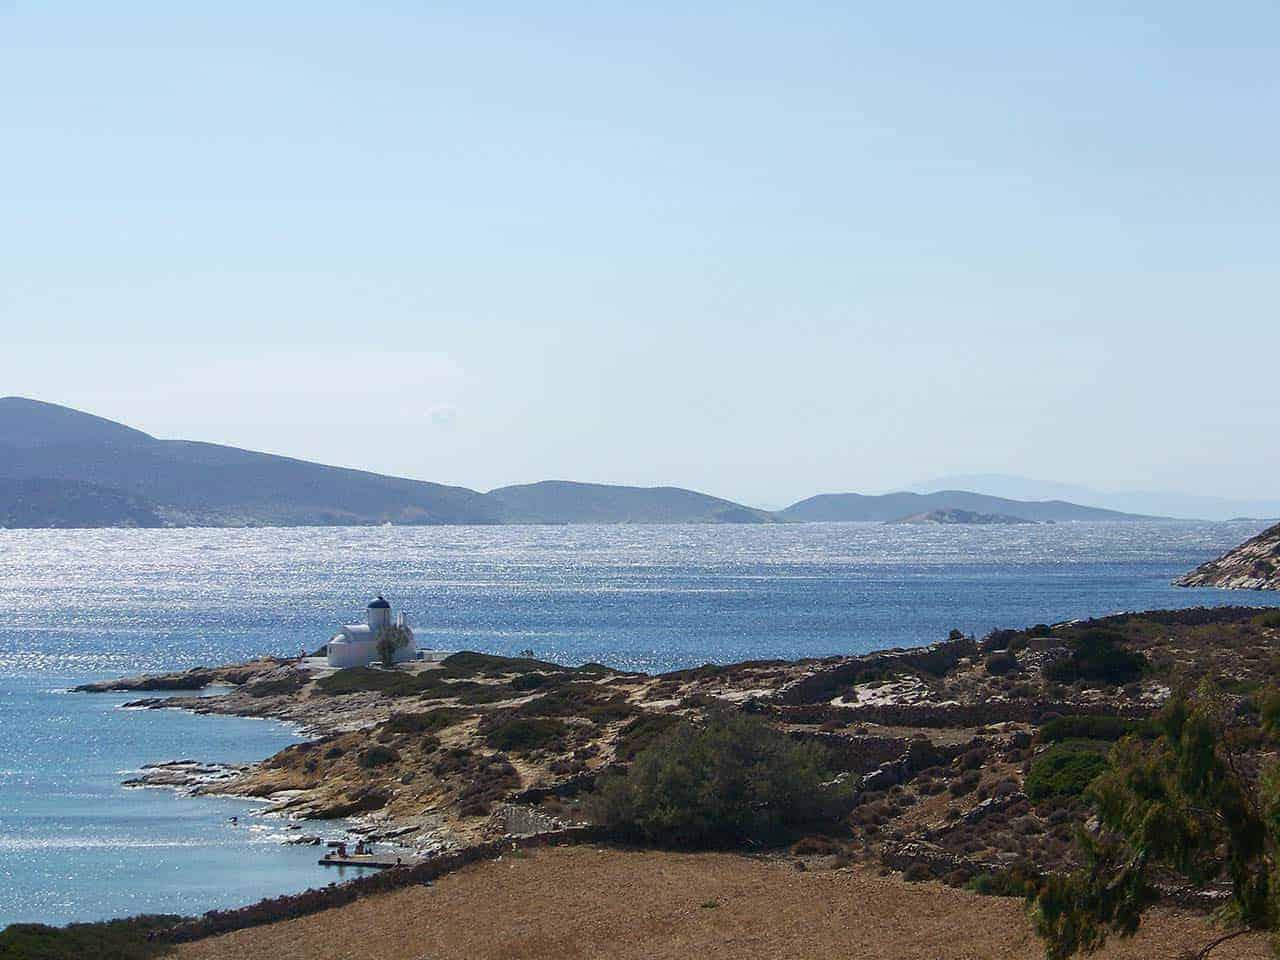 The church of Agios Panteleimonas-Amorgos